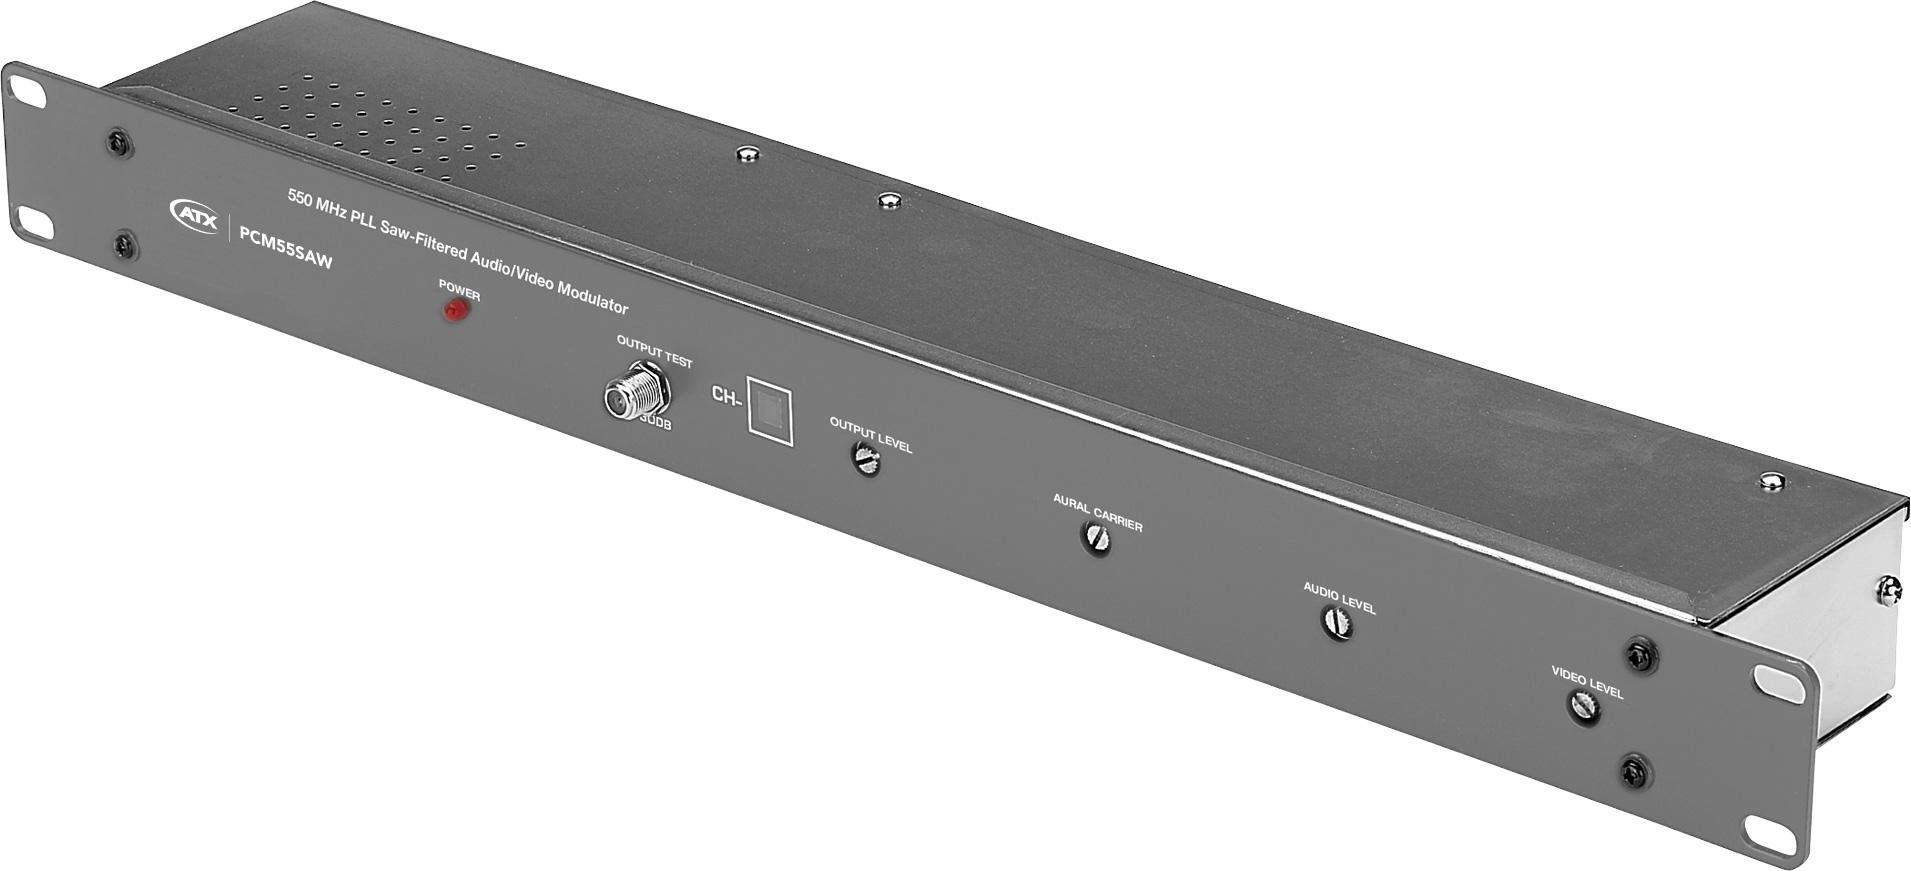 Pico Digital 1 Channel Crystal A/V Modulator - Channel Q - 258-264 MHz